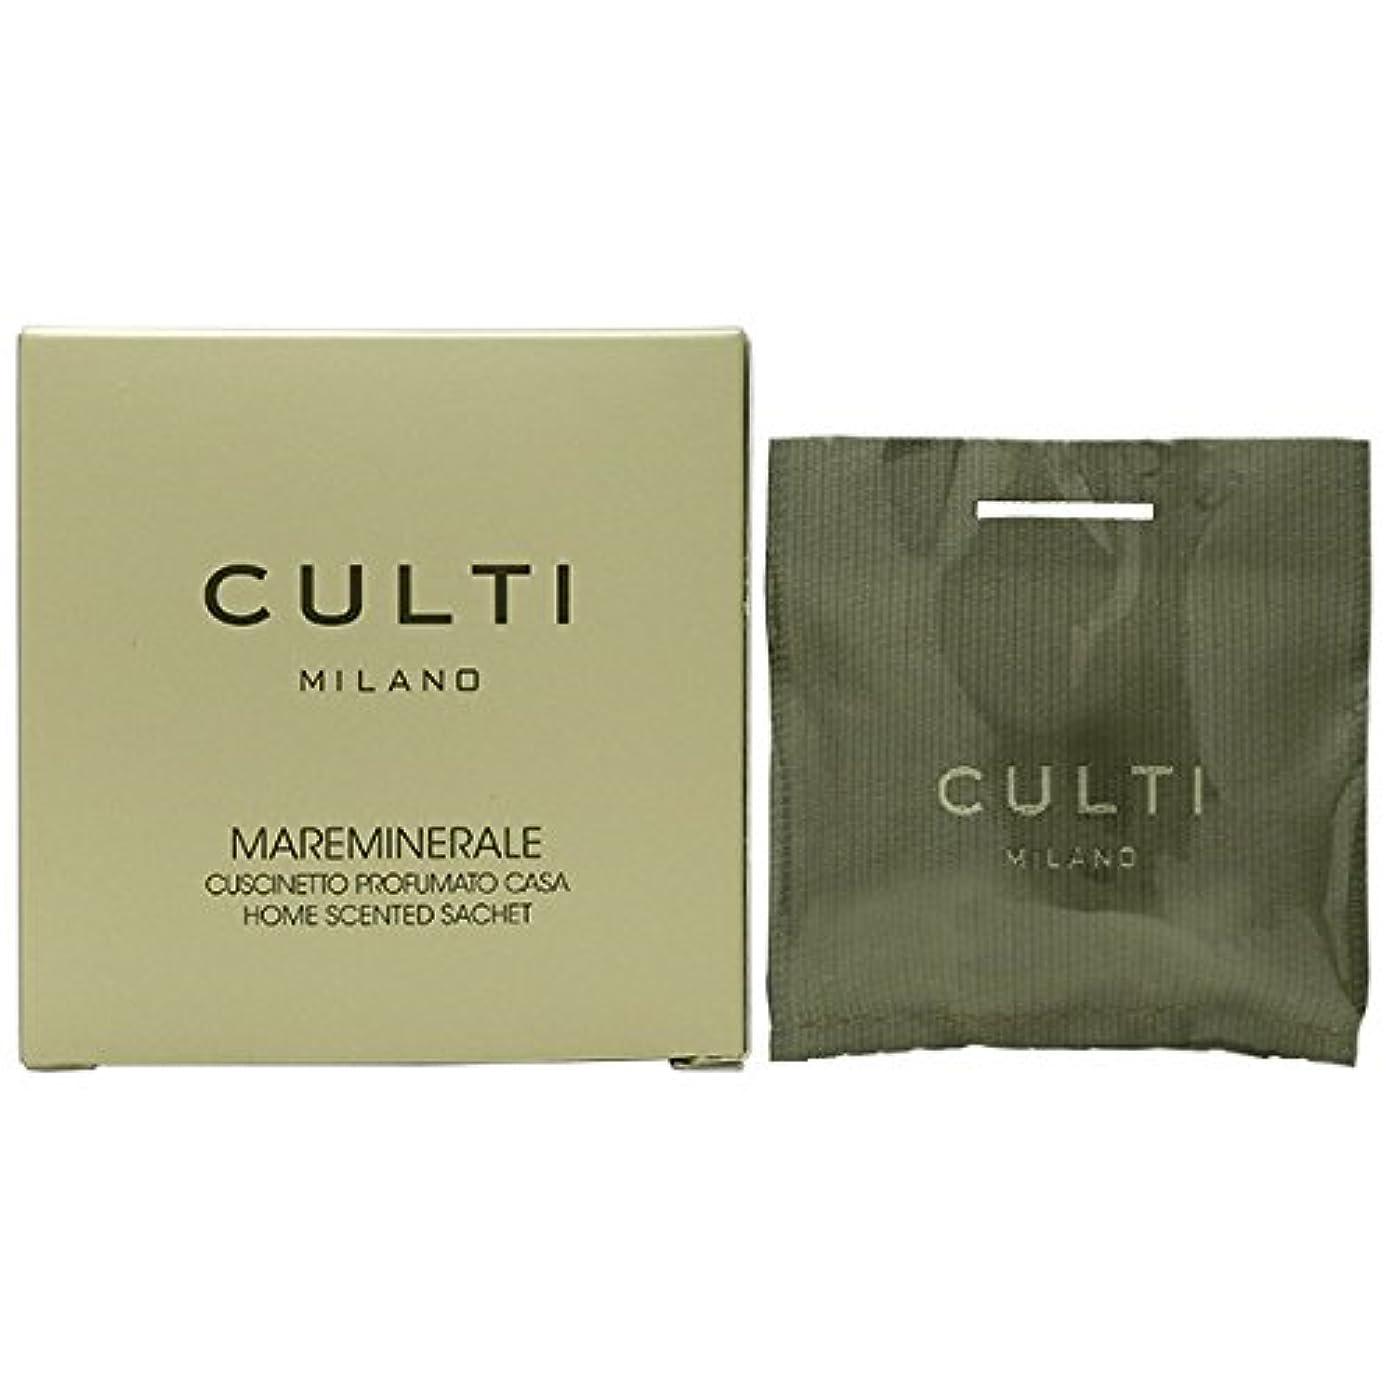 肌体系的にインシデント【CULTI】クルティ ホームセンテッド サシェ MAREMINERALE 7×7cm [並行輸入品]